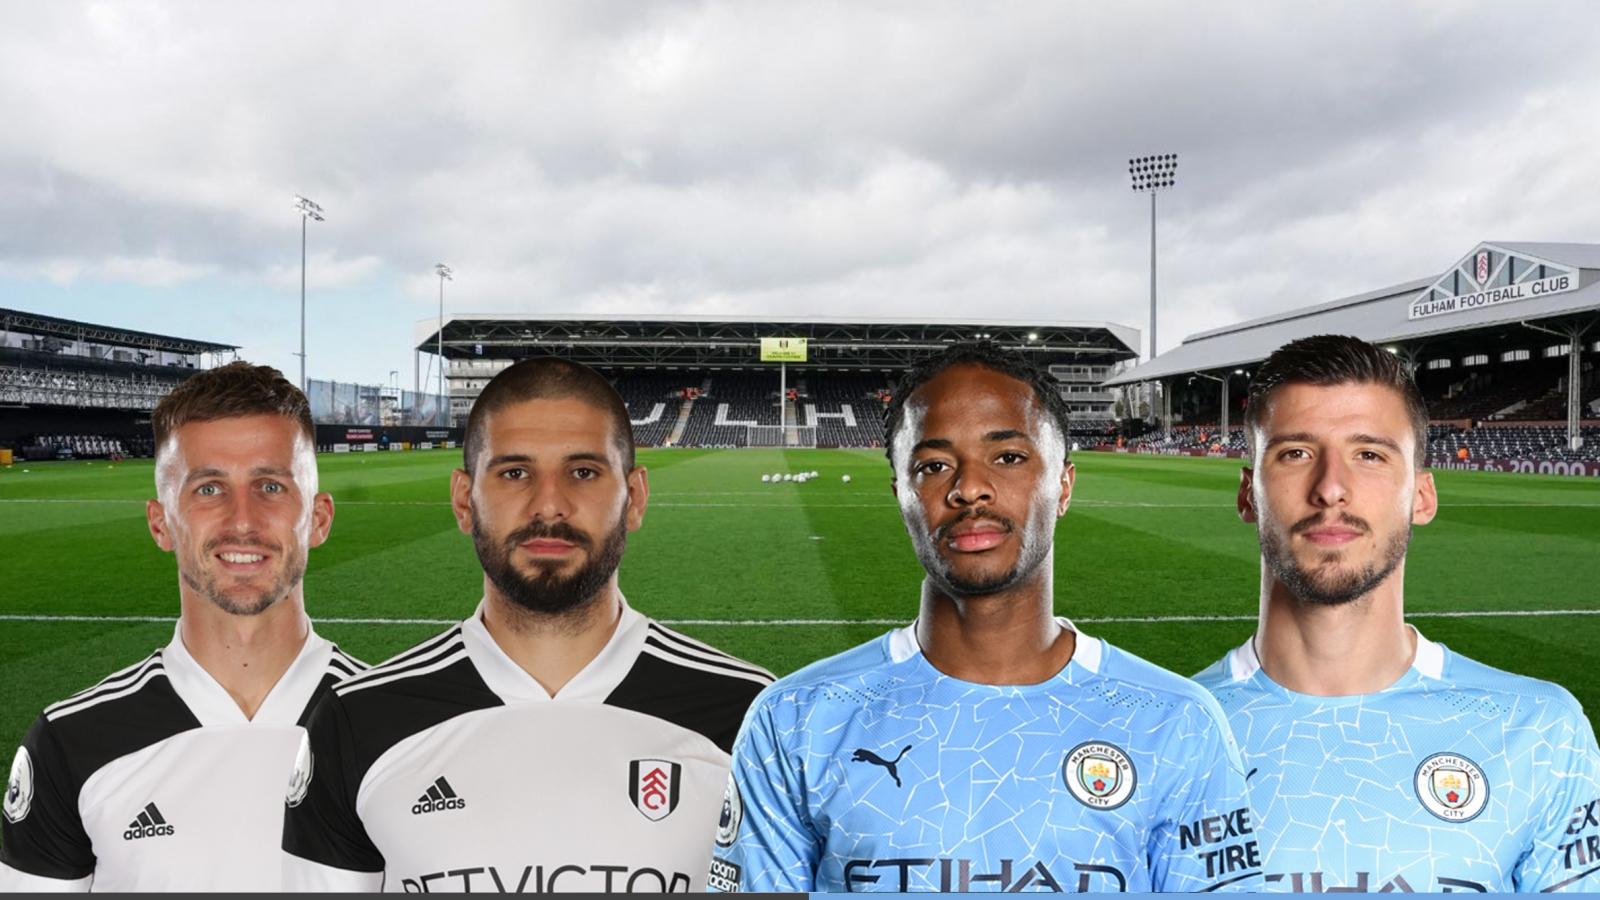 Dự đoán tỷ số, đội hình xuất phát trận Fulham - Man City